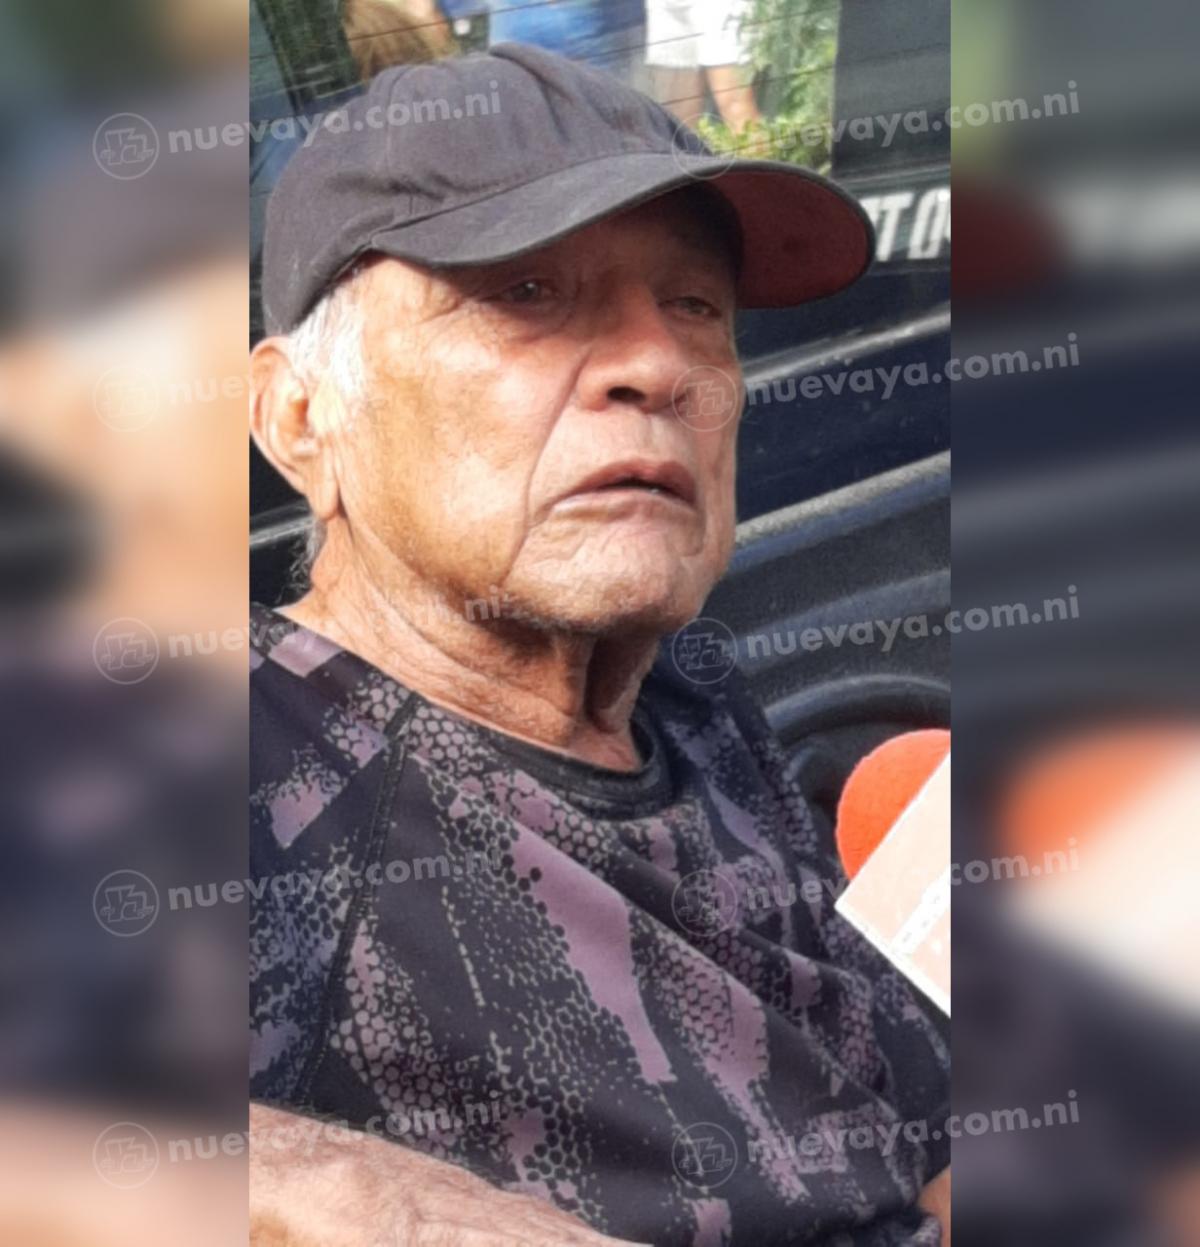 El principal sospechoso Mario José Padilla, de 64 años